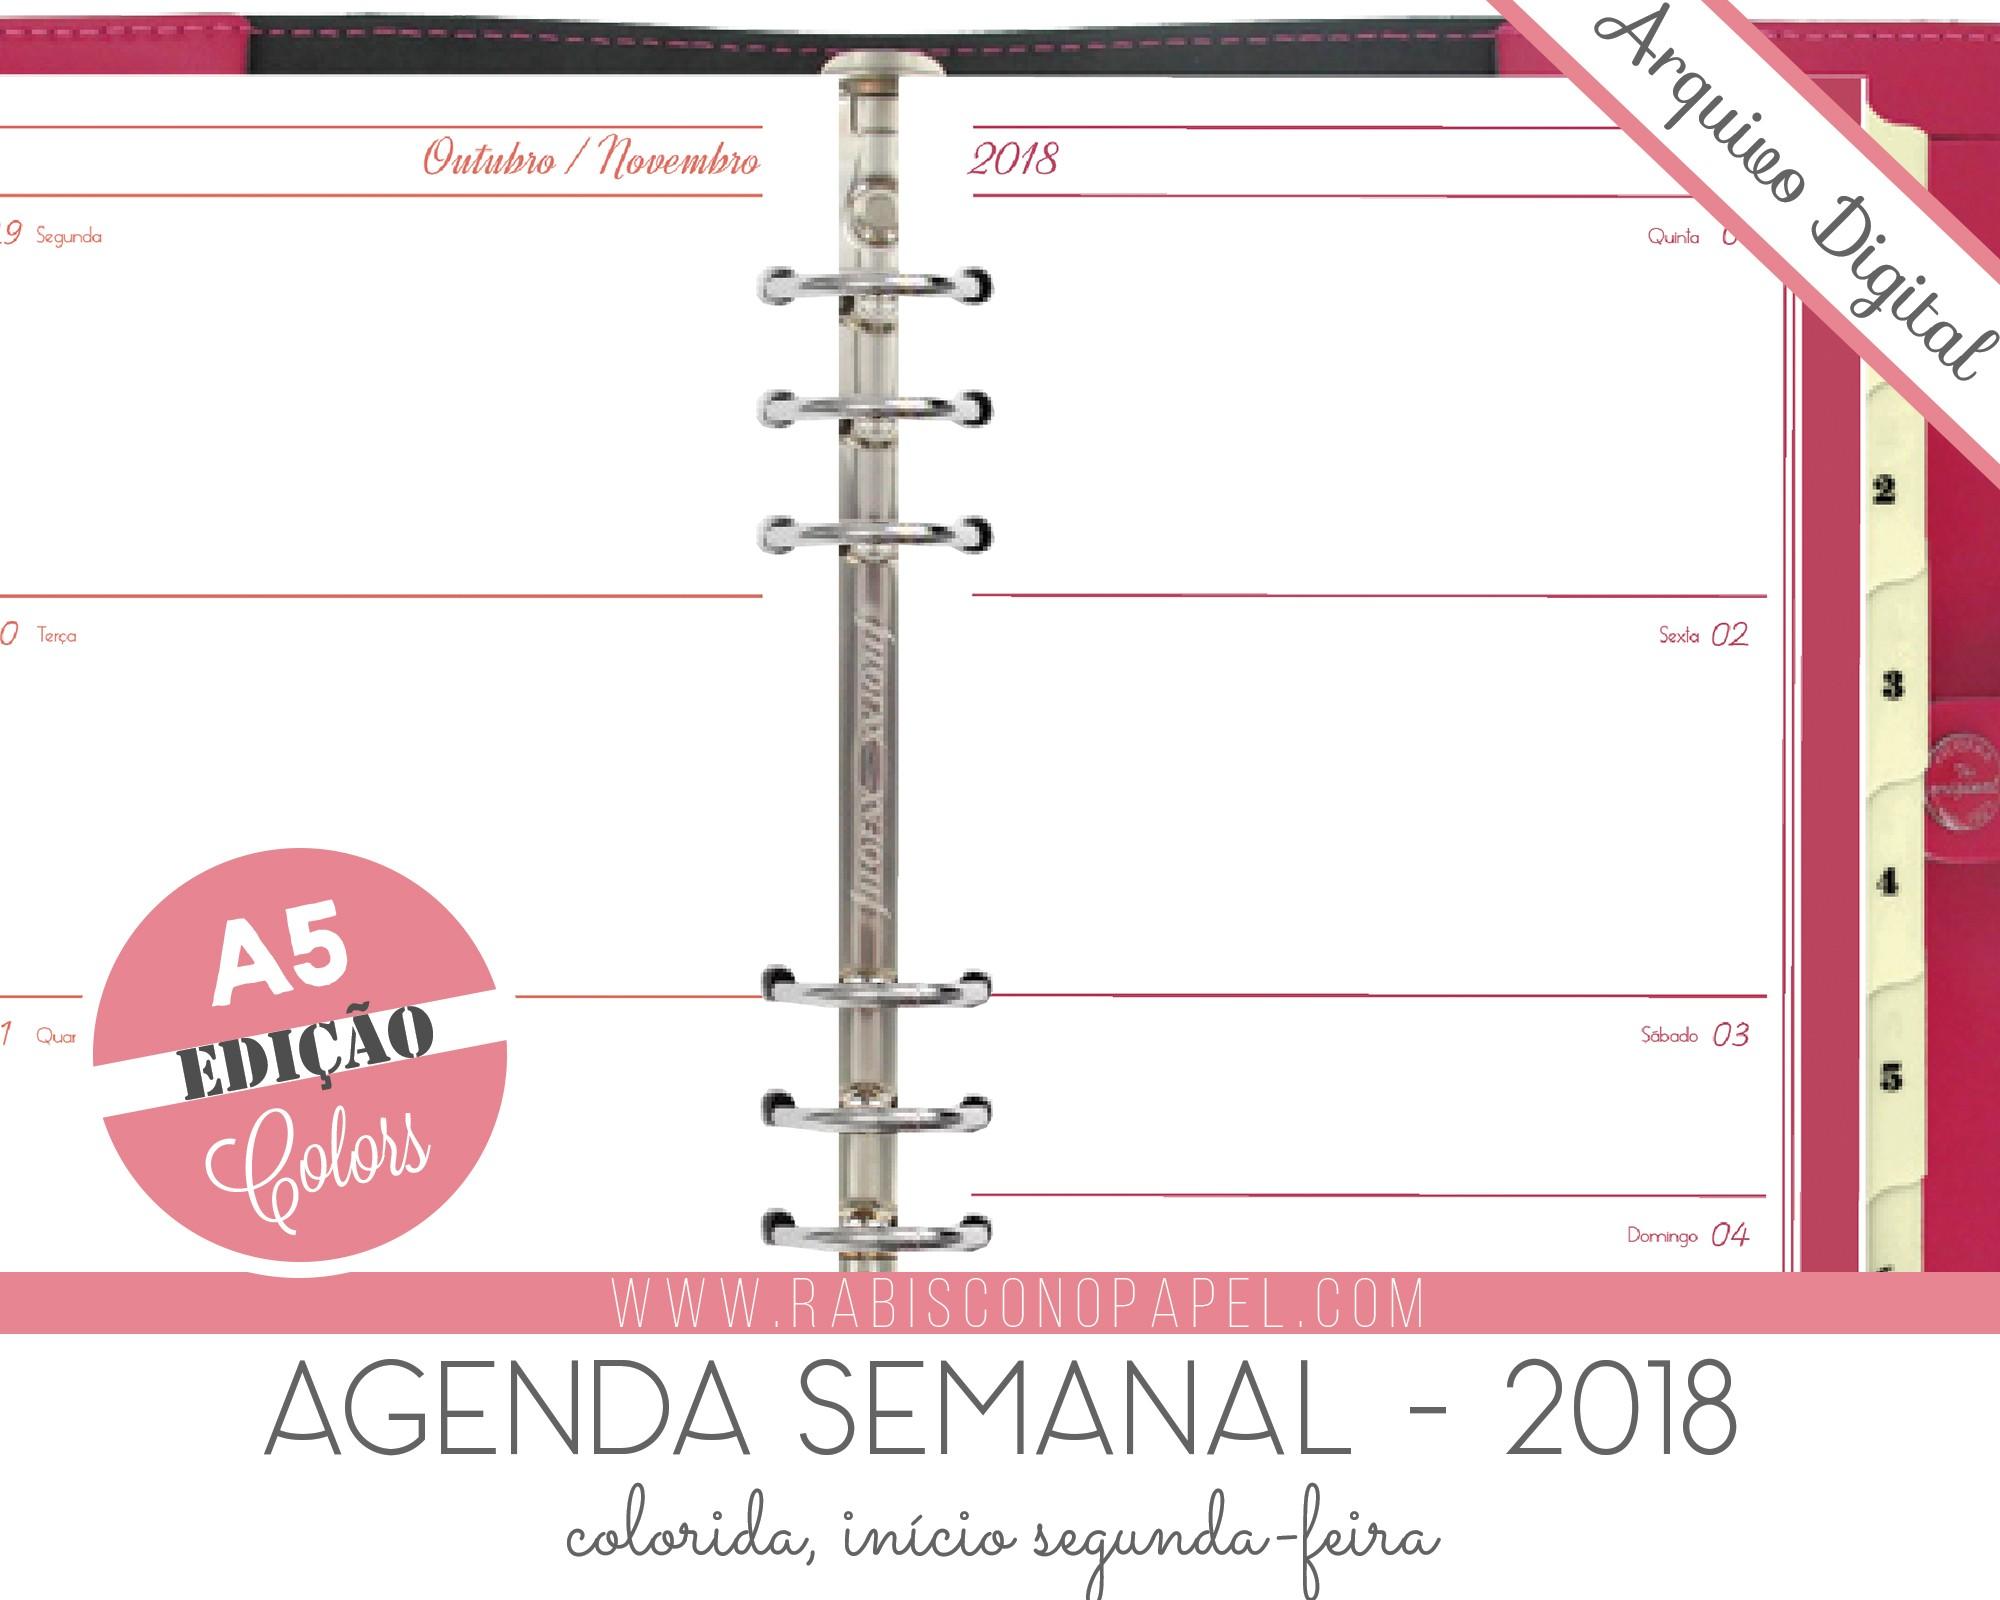 Calendario 2017 Outubro Novembro Dezembro Para Imprimir Actual Agenda Para Imprimir